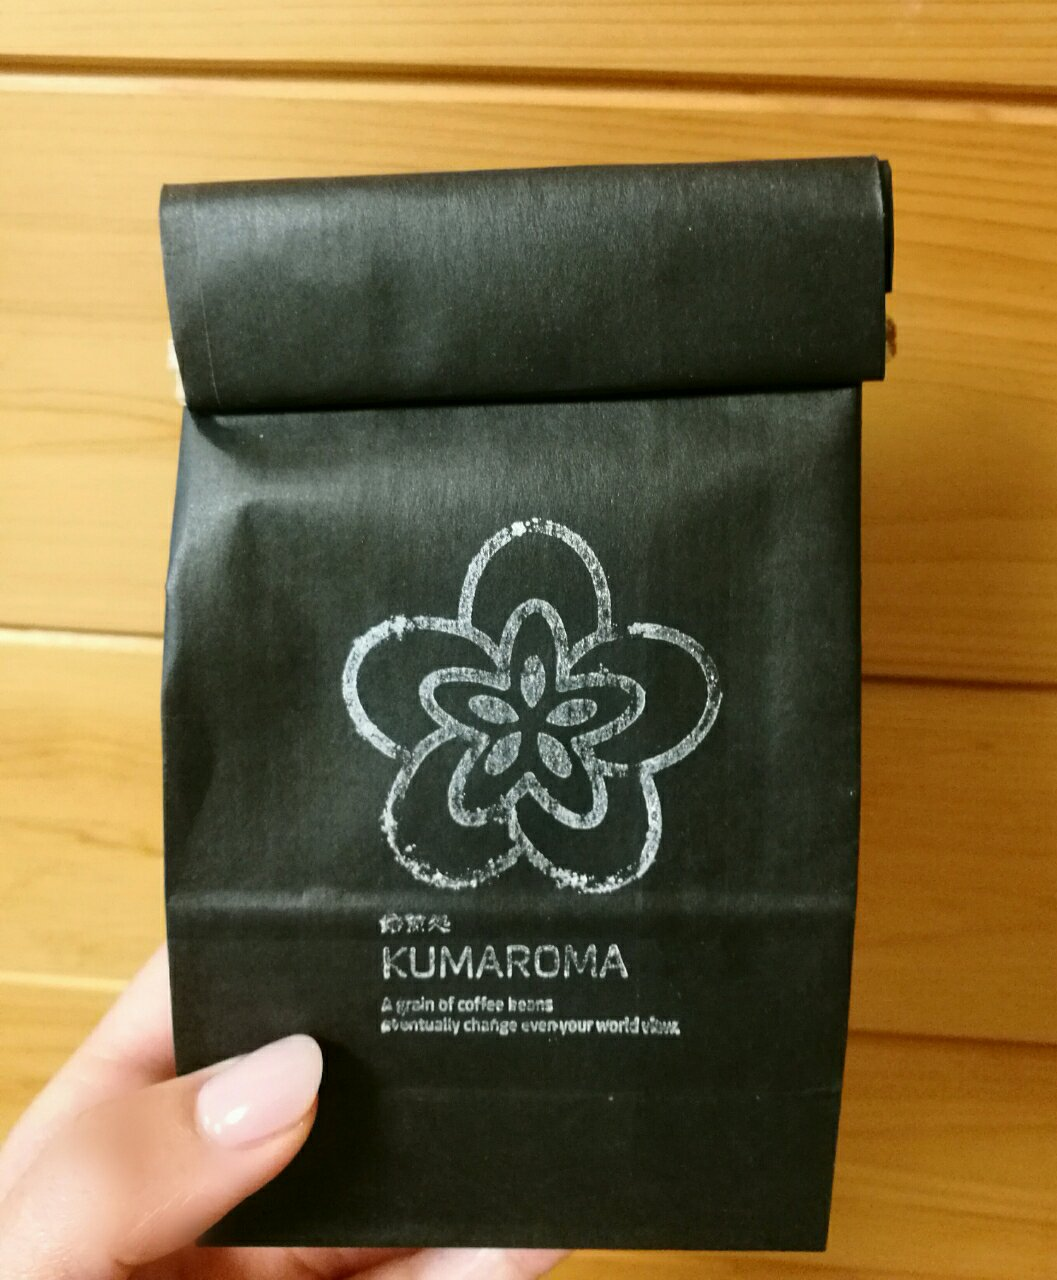 コーヒーで始まる、幸せな約束🍀✨コーヒー一杯で得られるもの…プライスレス。